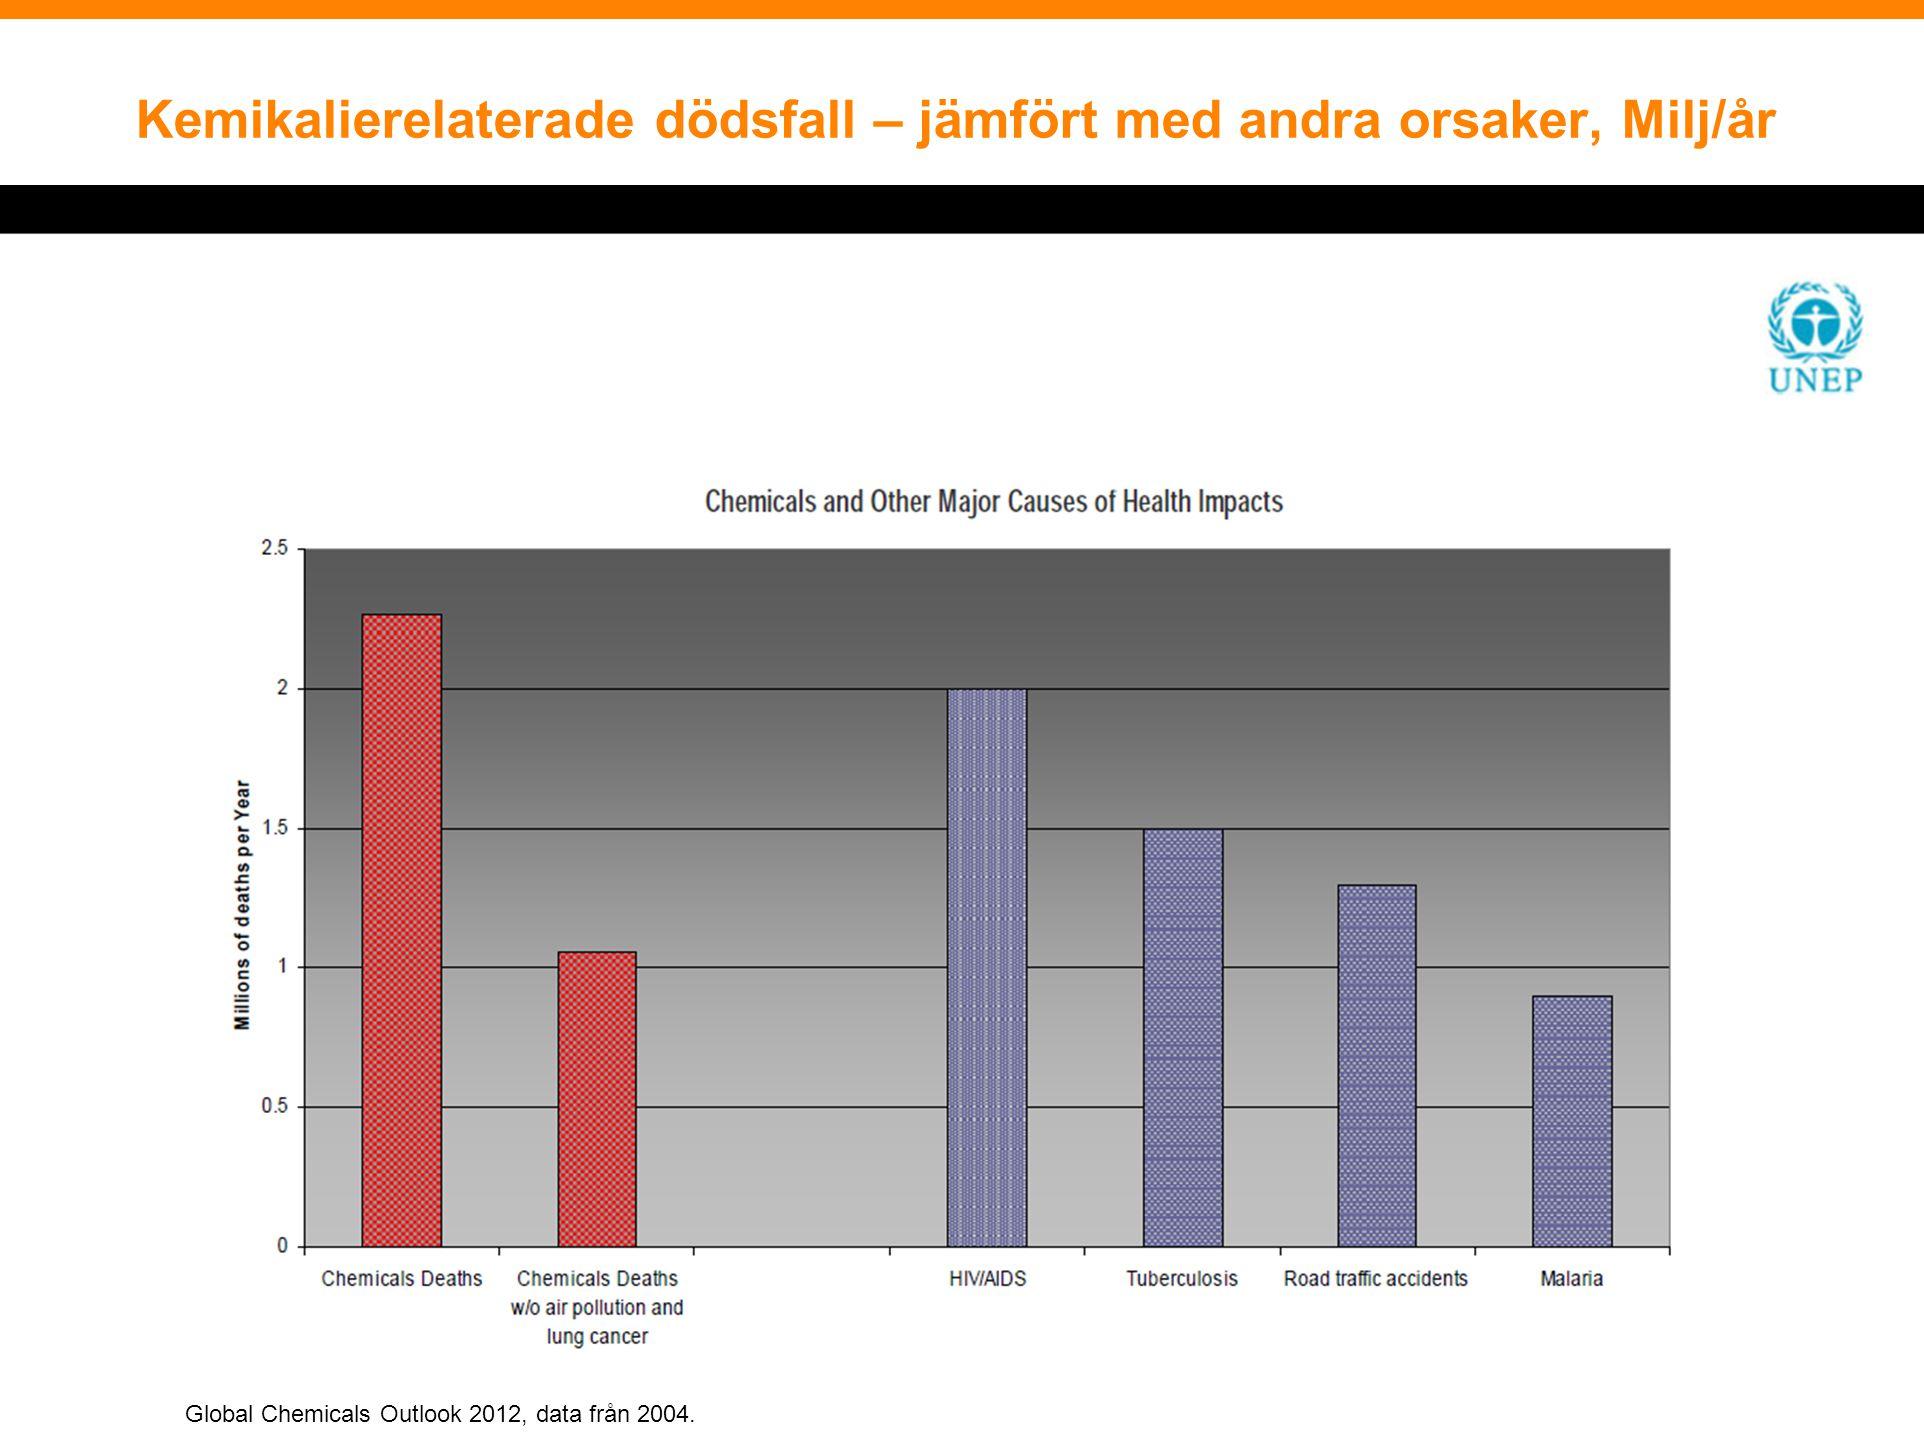 Kemikalierelaterade dödsfall – jämfört med andra orsaker, Milj/år Global Chemicals Outlook 2012, data från 2004.